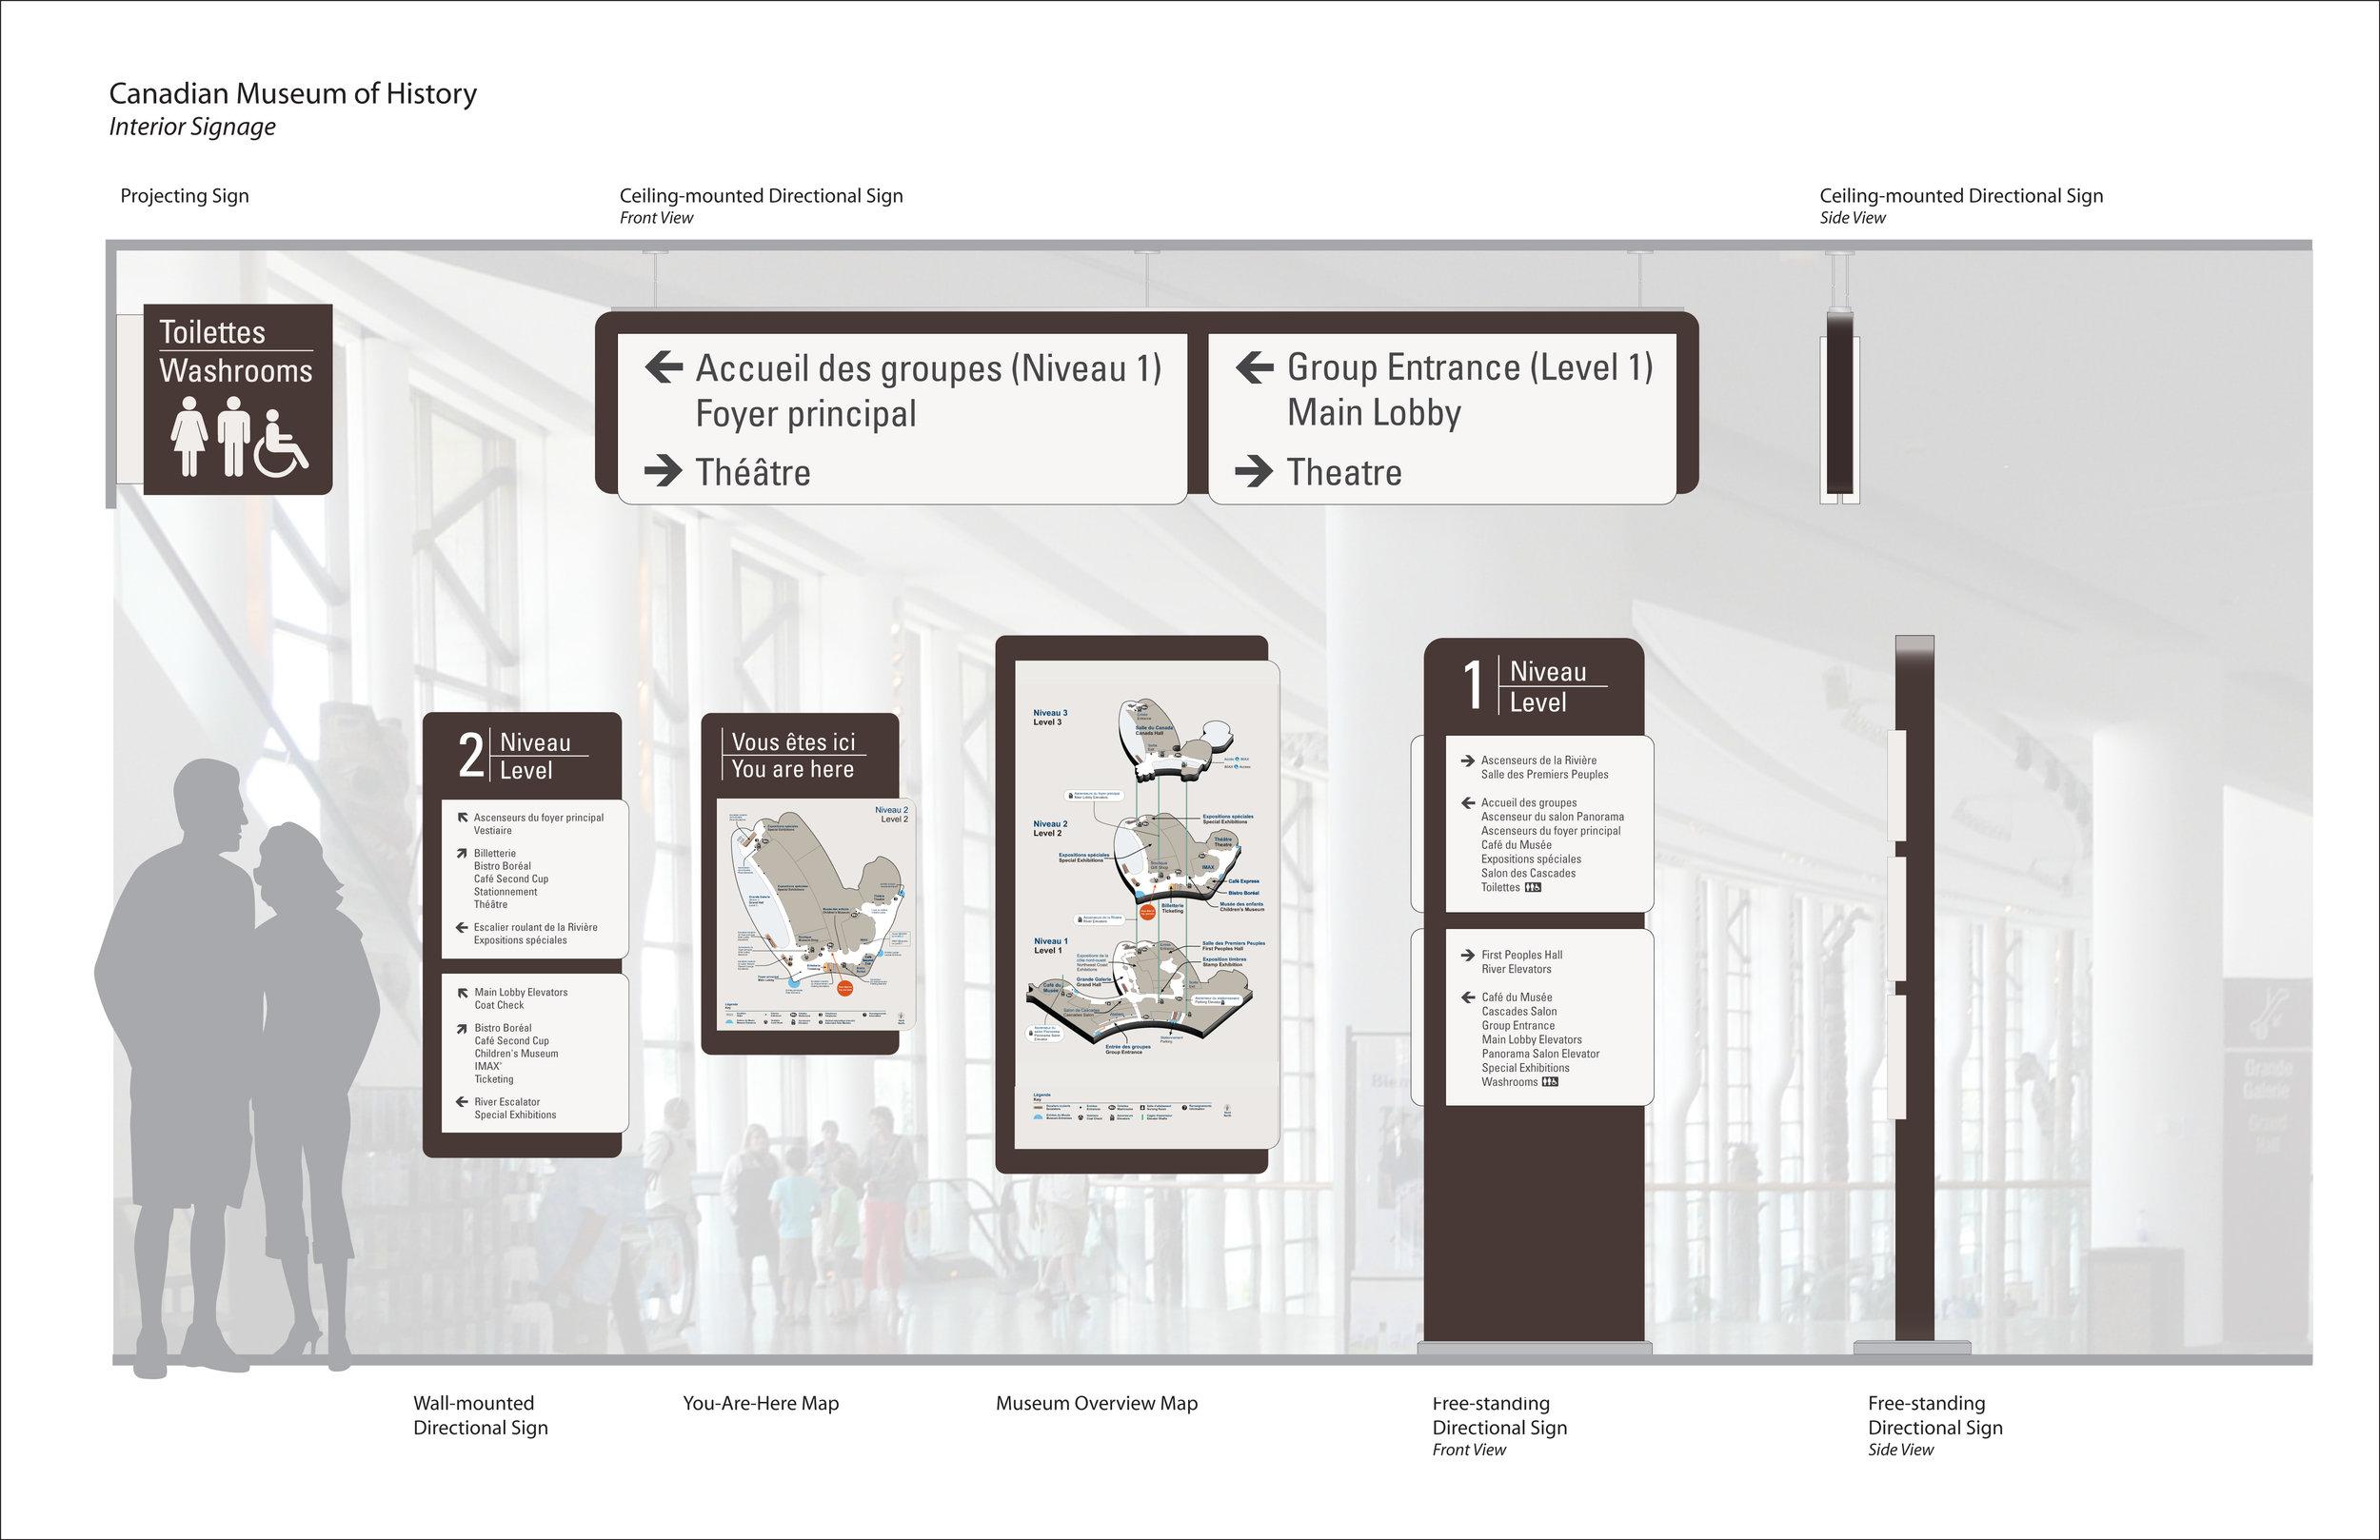 Museum_interior_signage.jpg